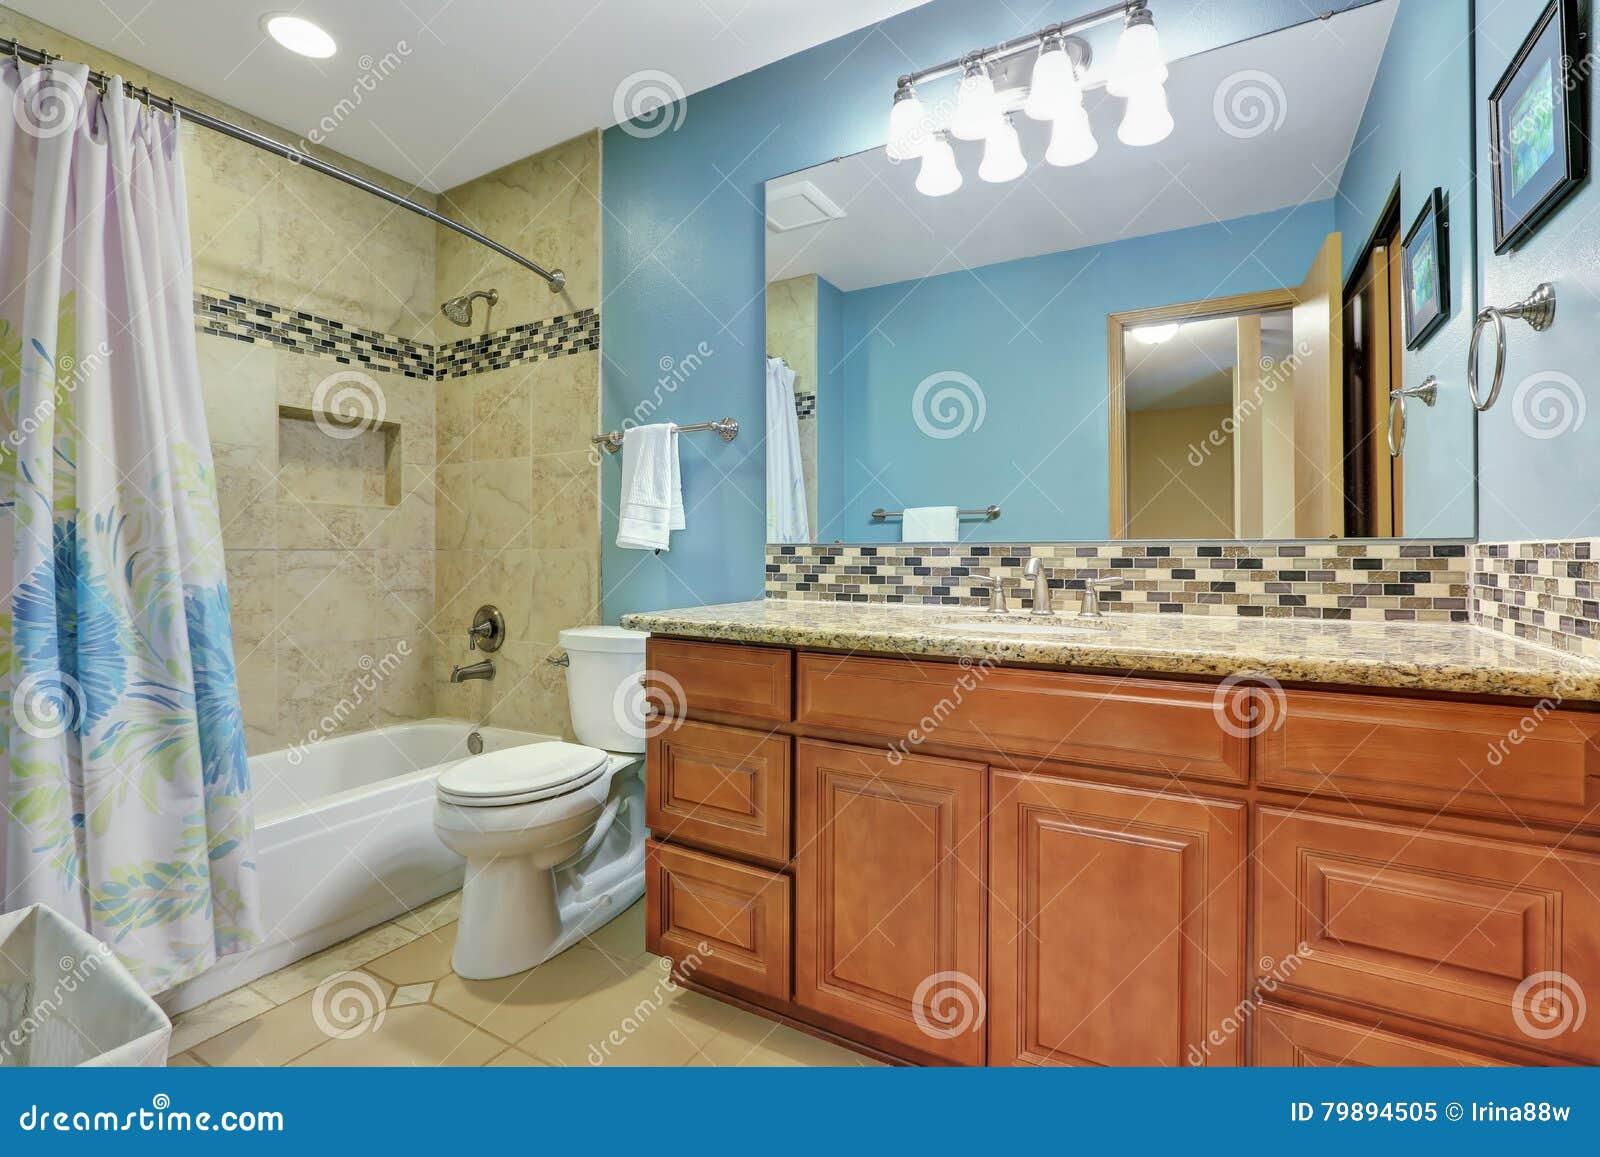 Bagni Blu Mosaico : Interno blu del bagno con la spruzzata della parte posteriore del